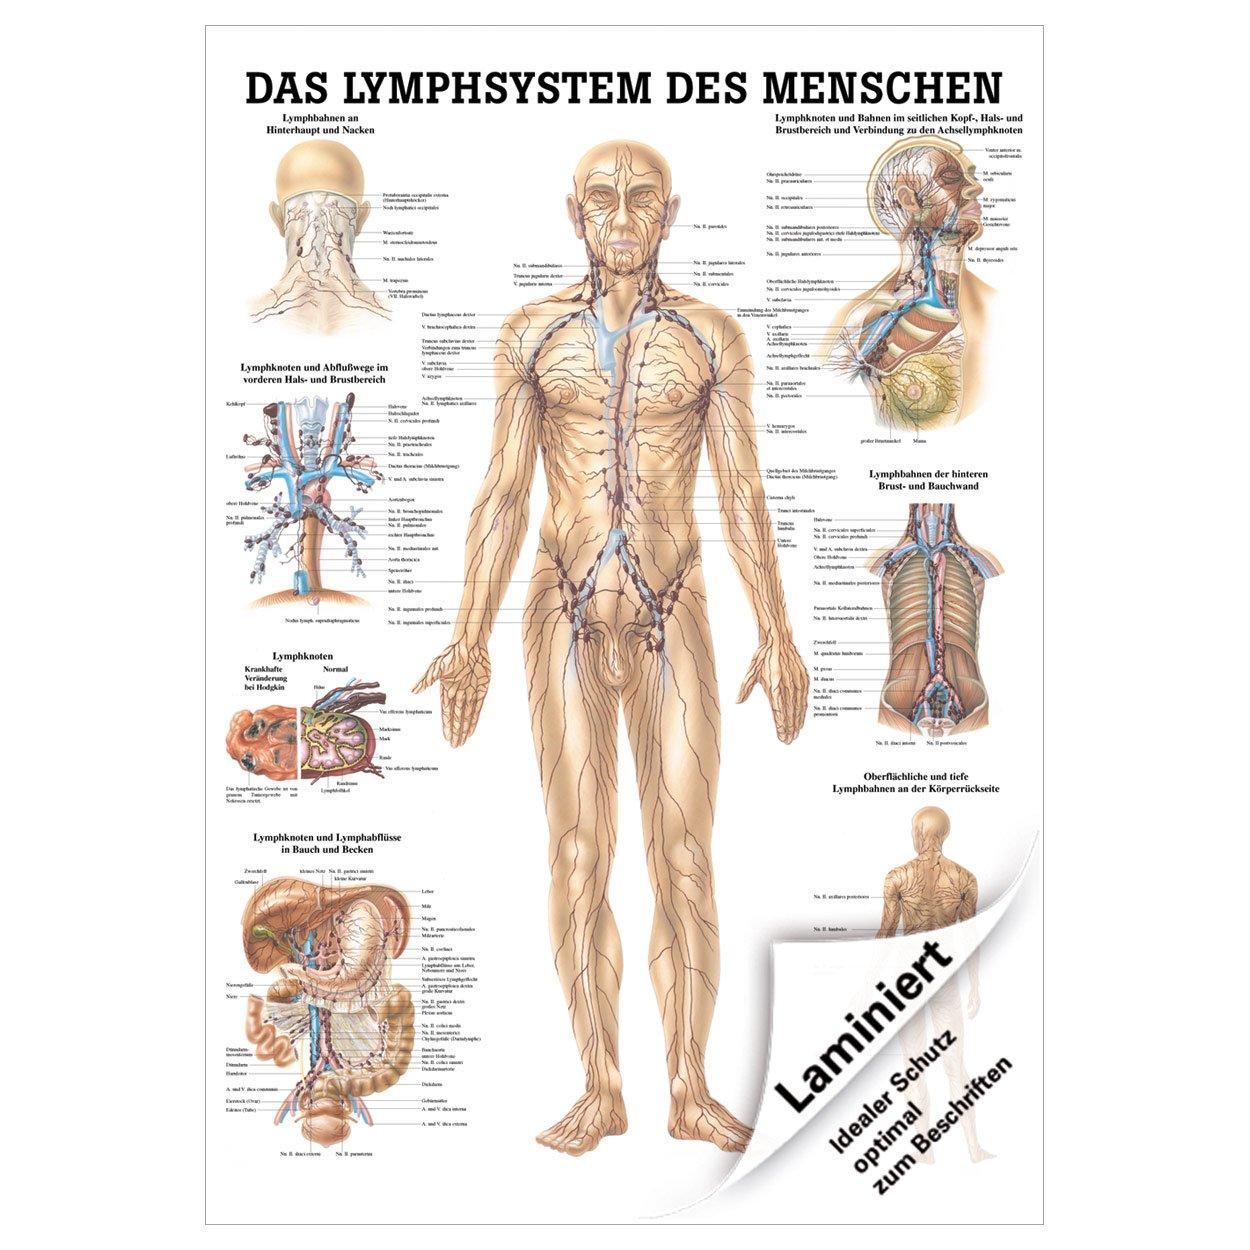 Gemütlich Anatomie Der Lymphknoten In Hals Bilder - Menschliche ...